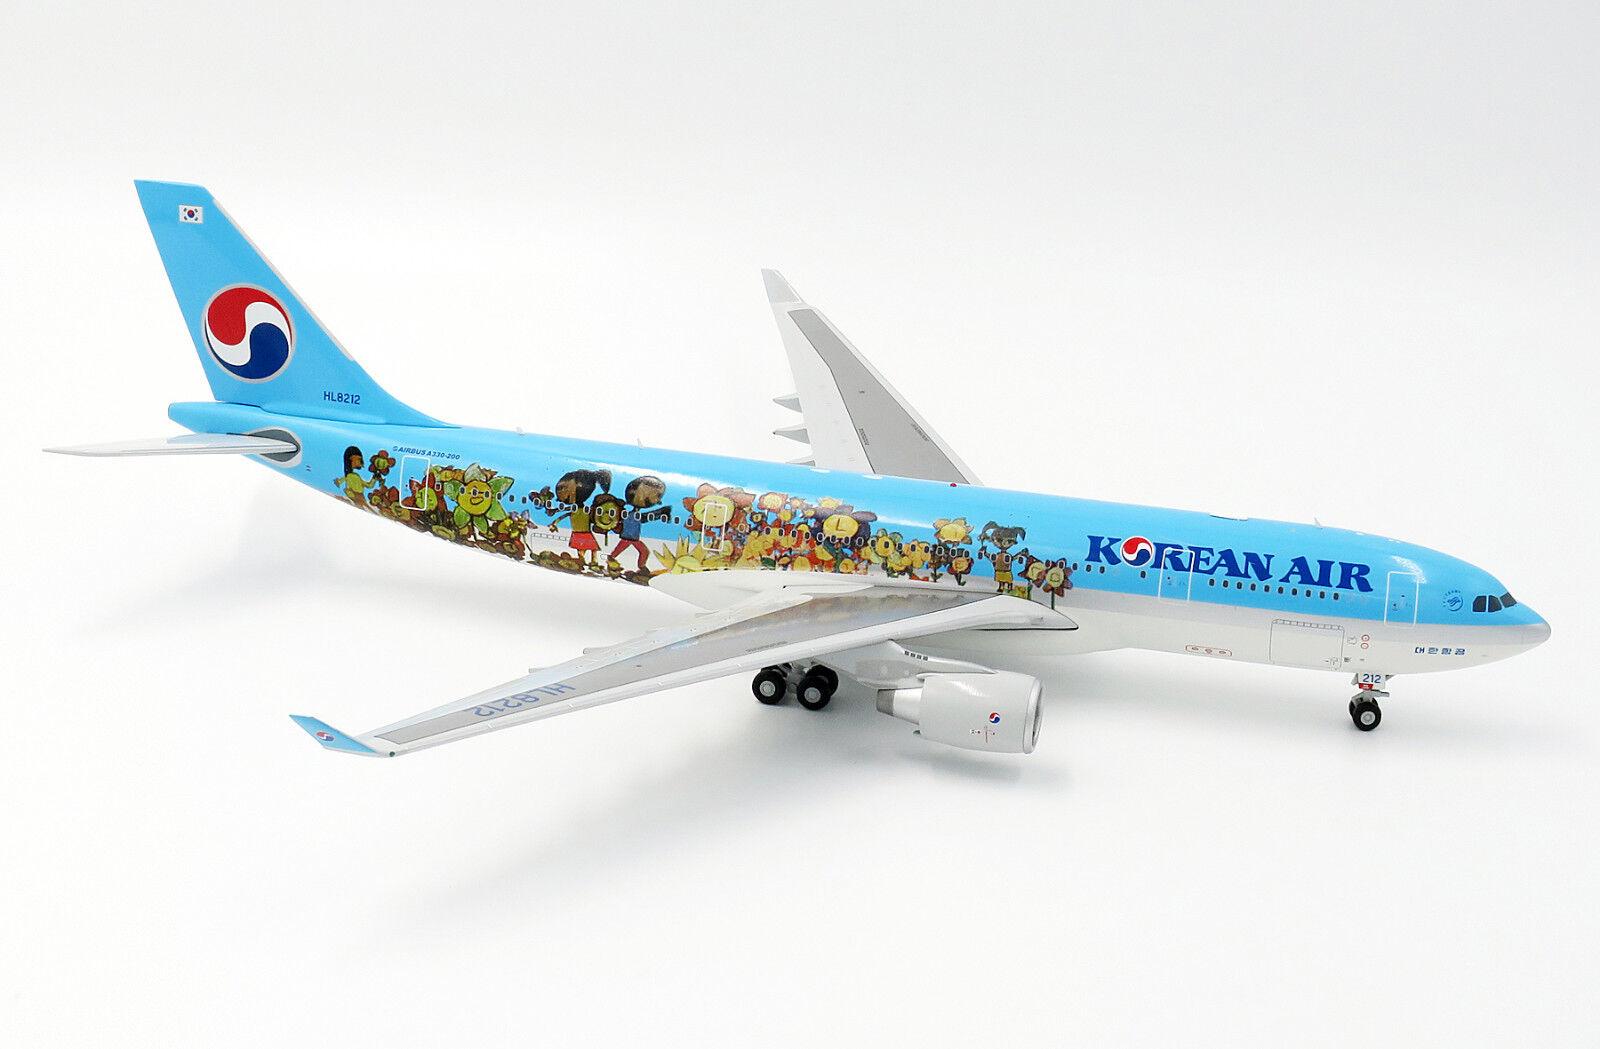 LH2085 1/200 Coreano Aria Airbus A330-200 Hl8212 Bambini Disegnare Concorso